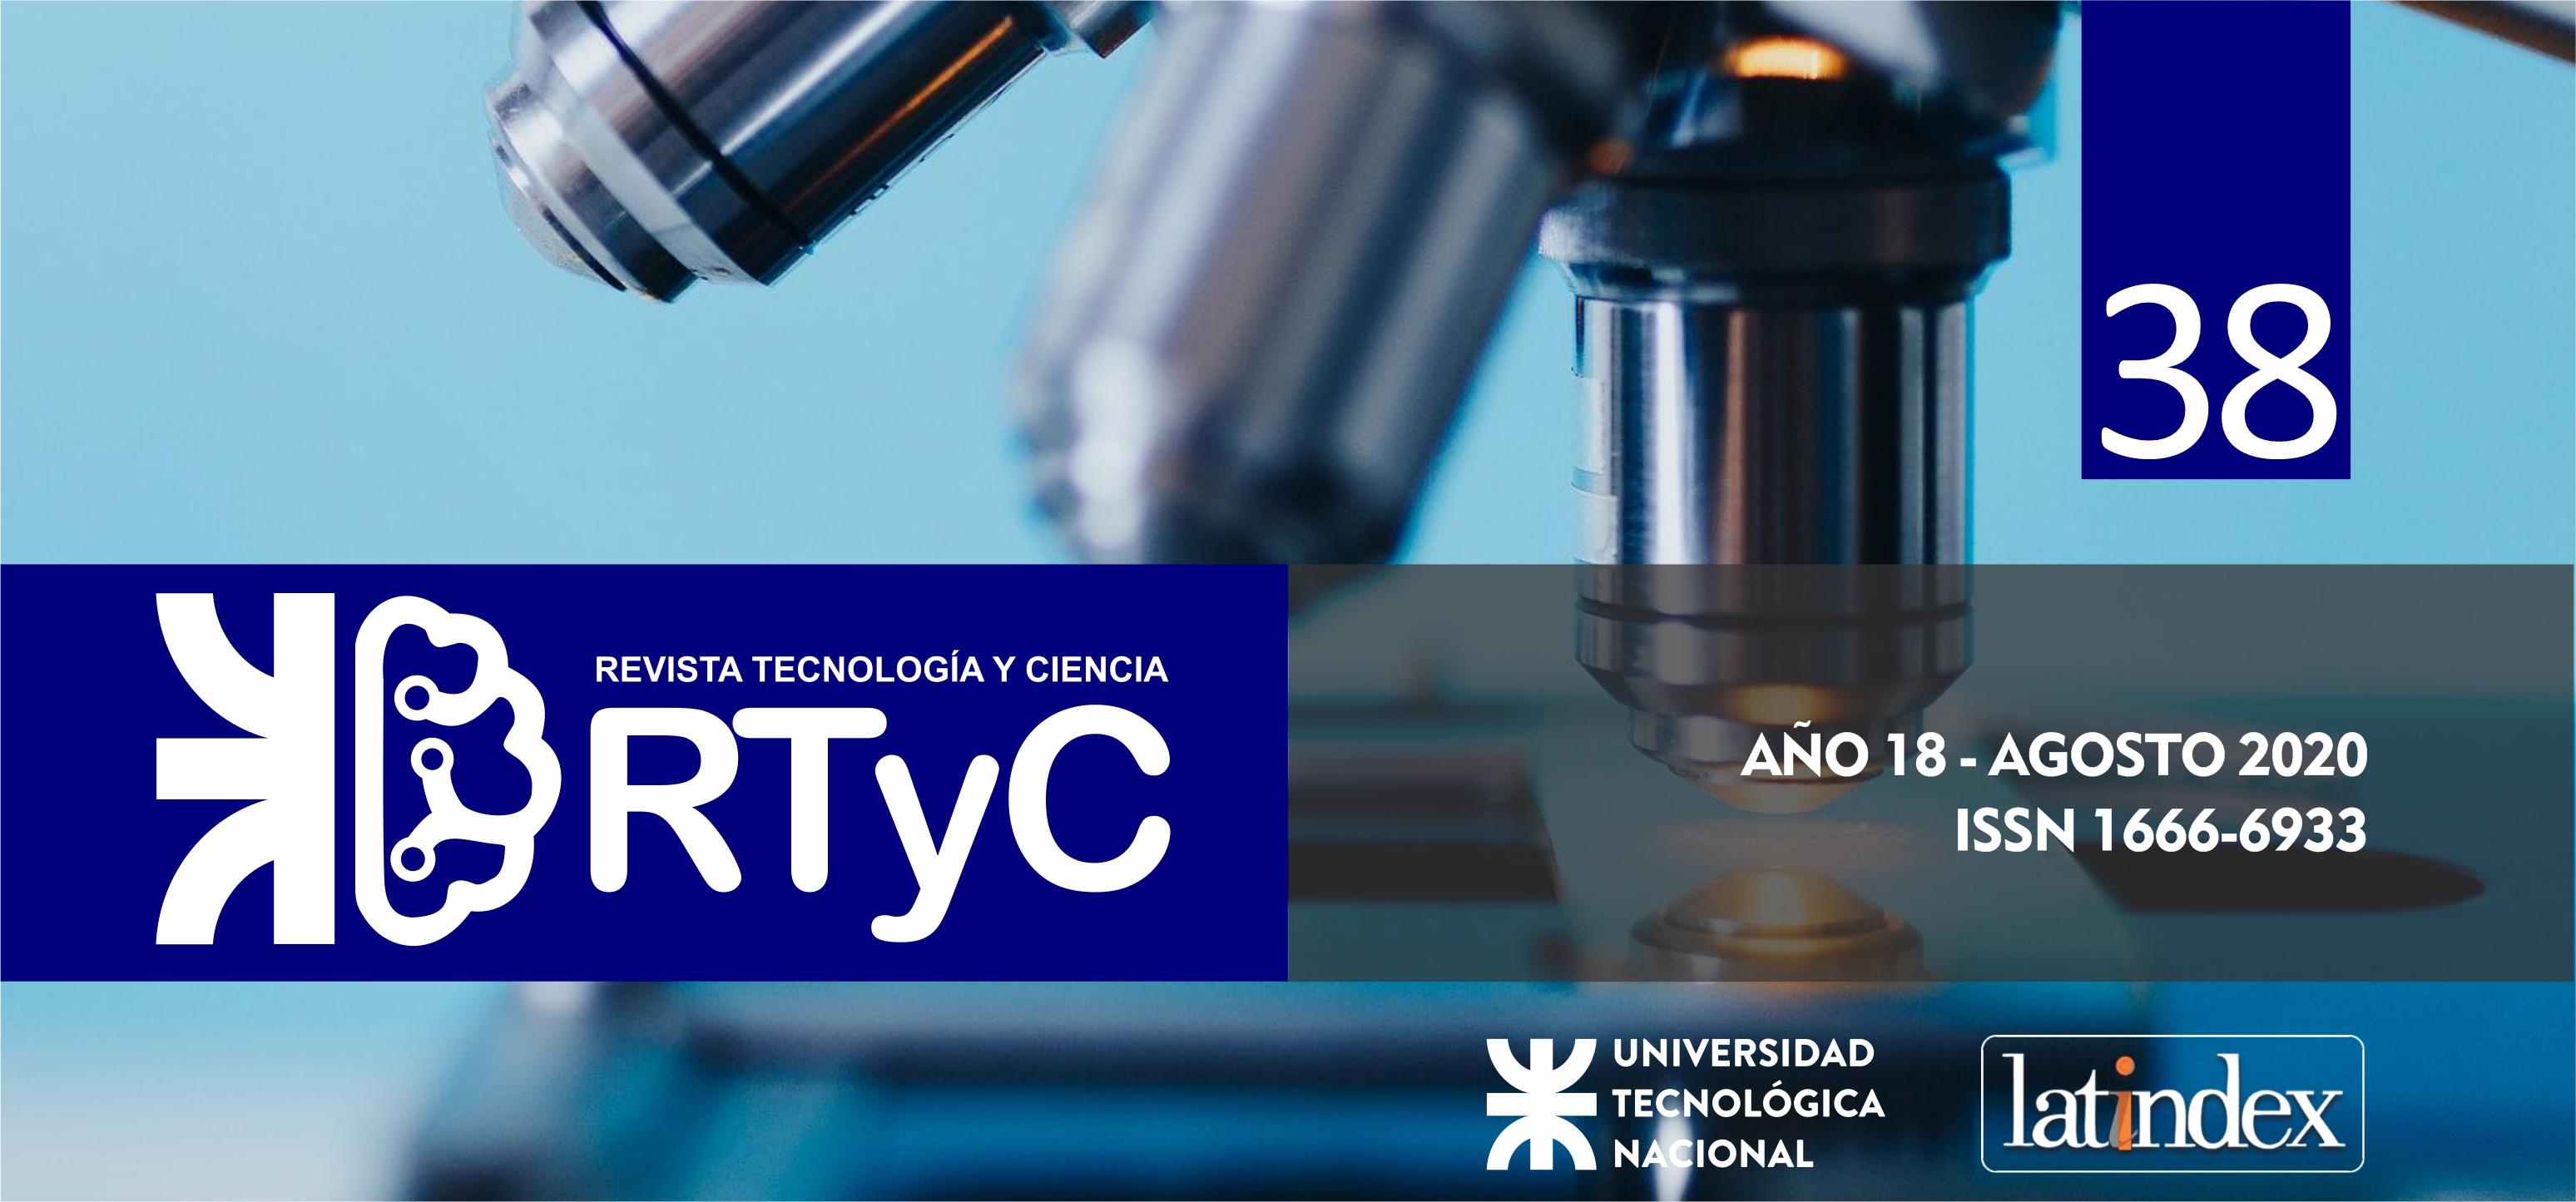 Ver Núm. 38 (2020): Revista Tecnología y Ciencia